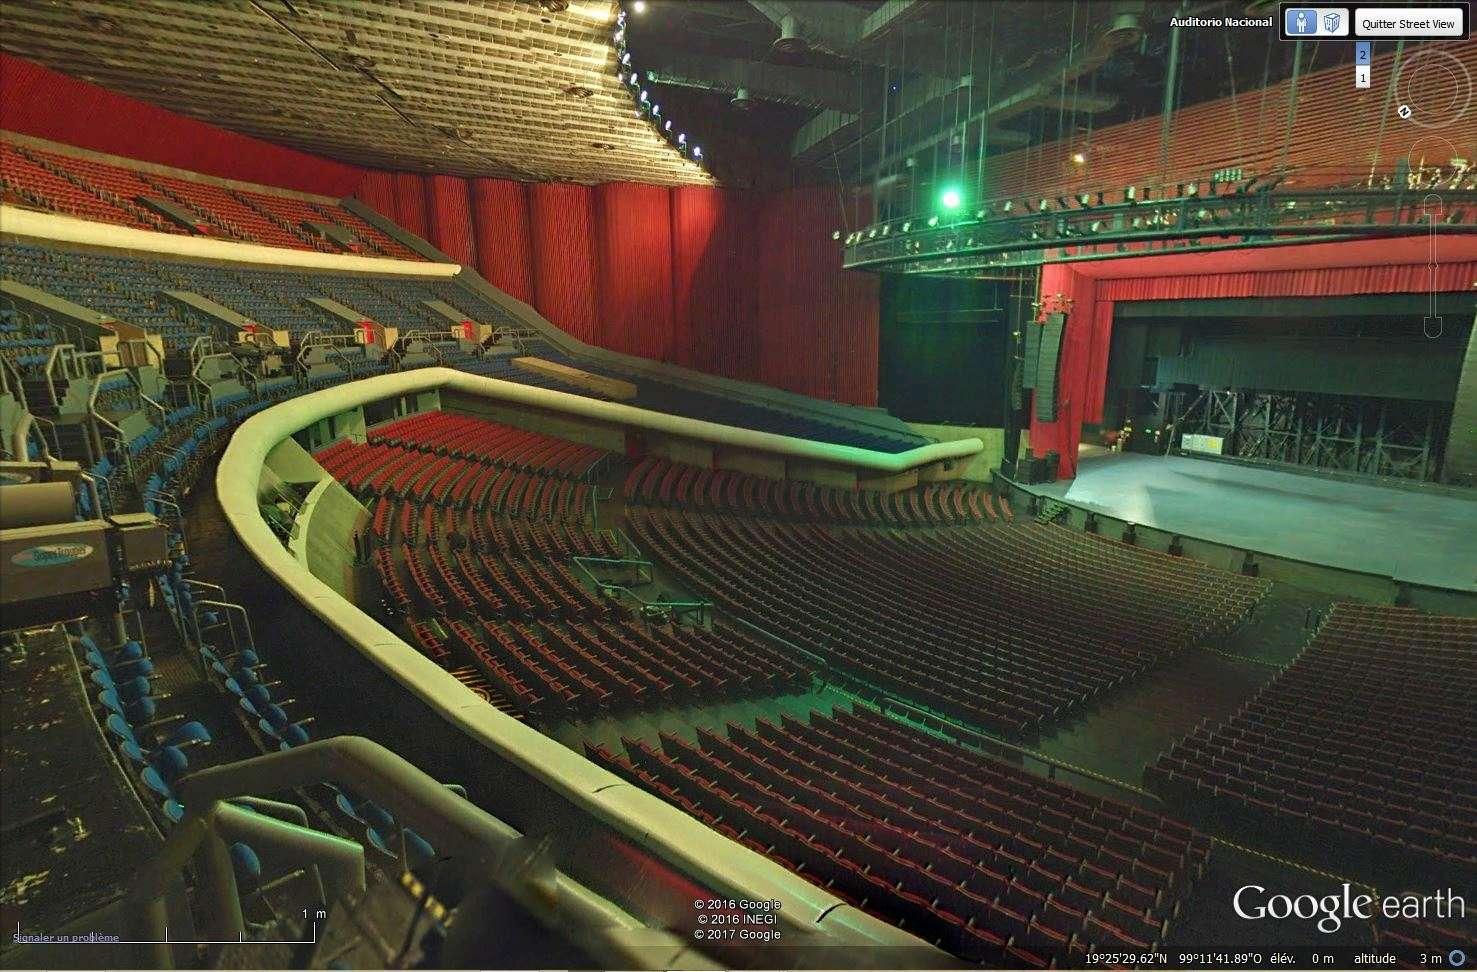 [Mexique] - Auditorium National Tsge_258